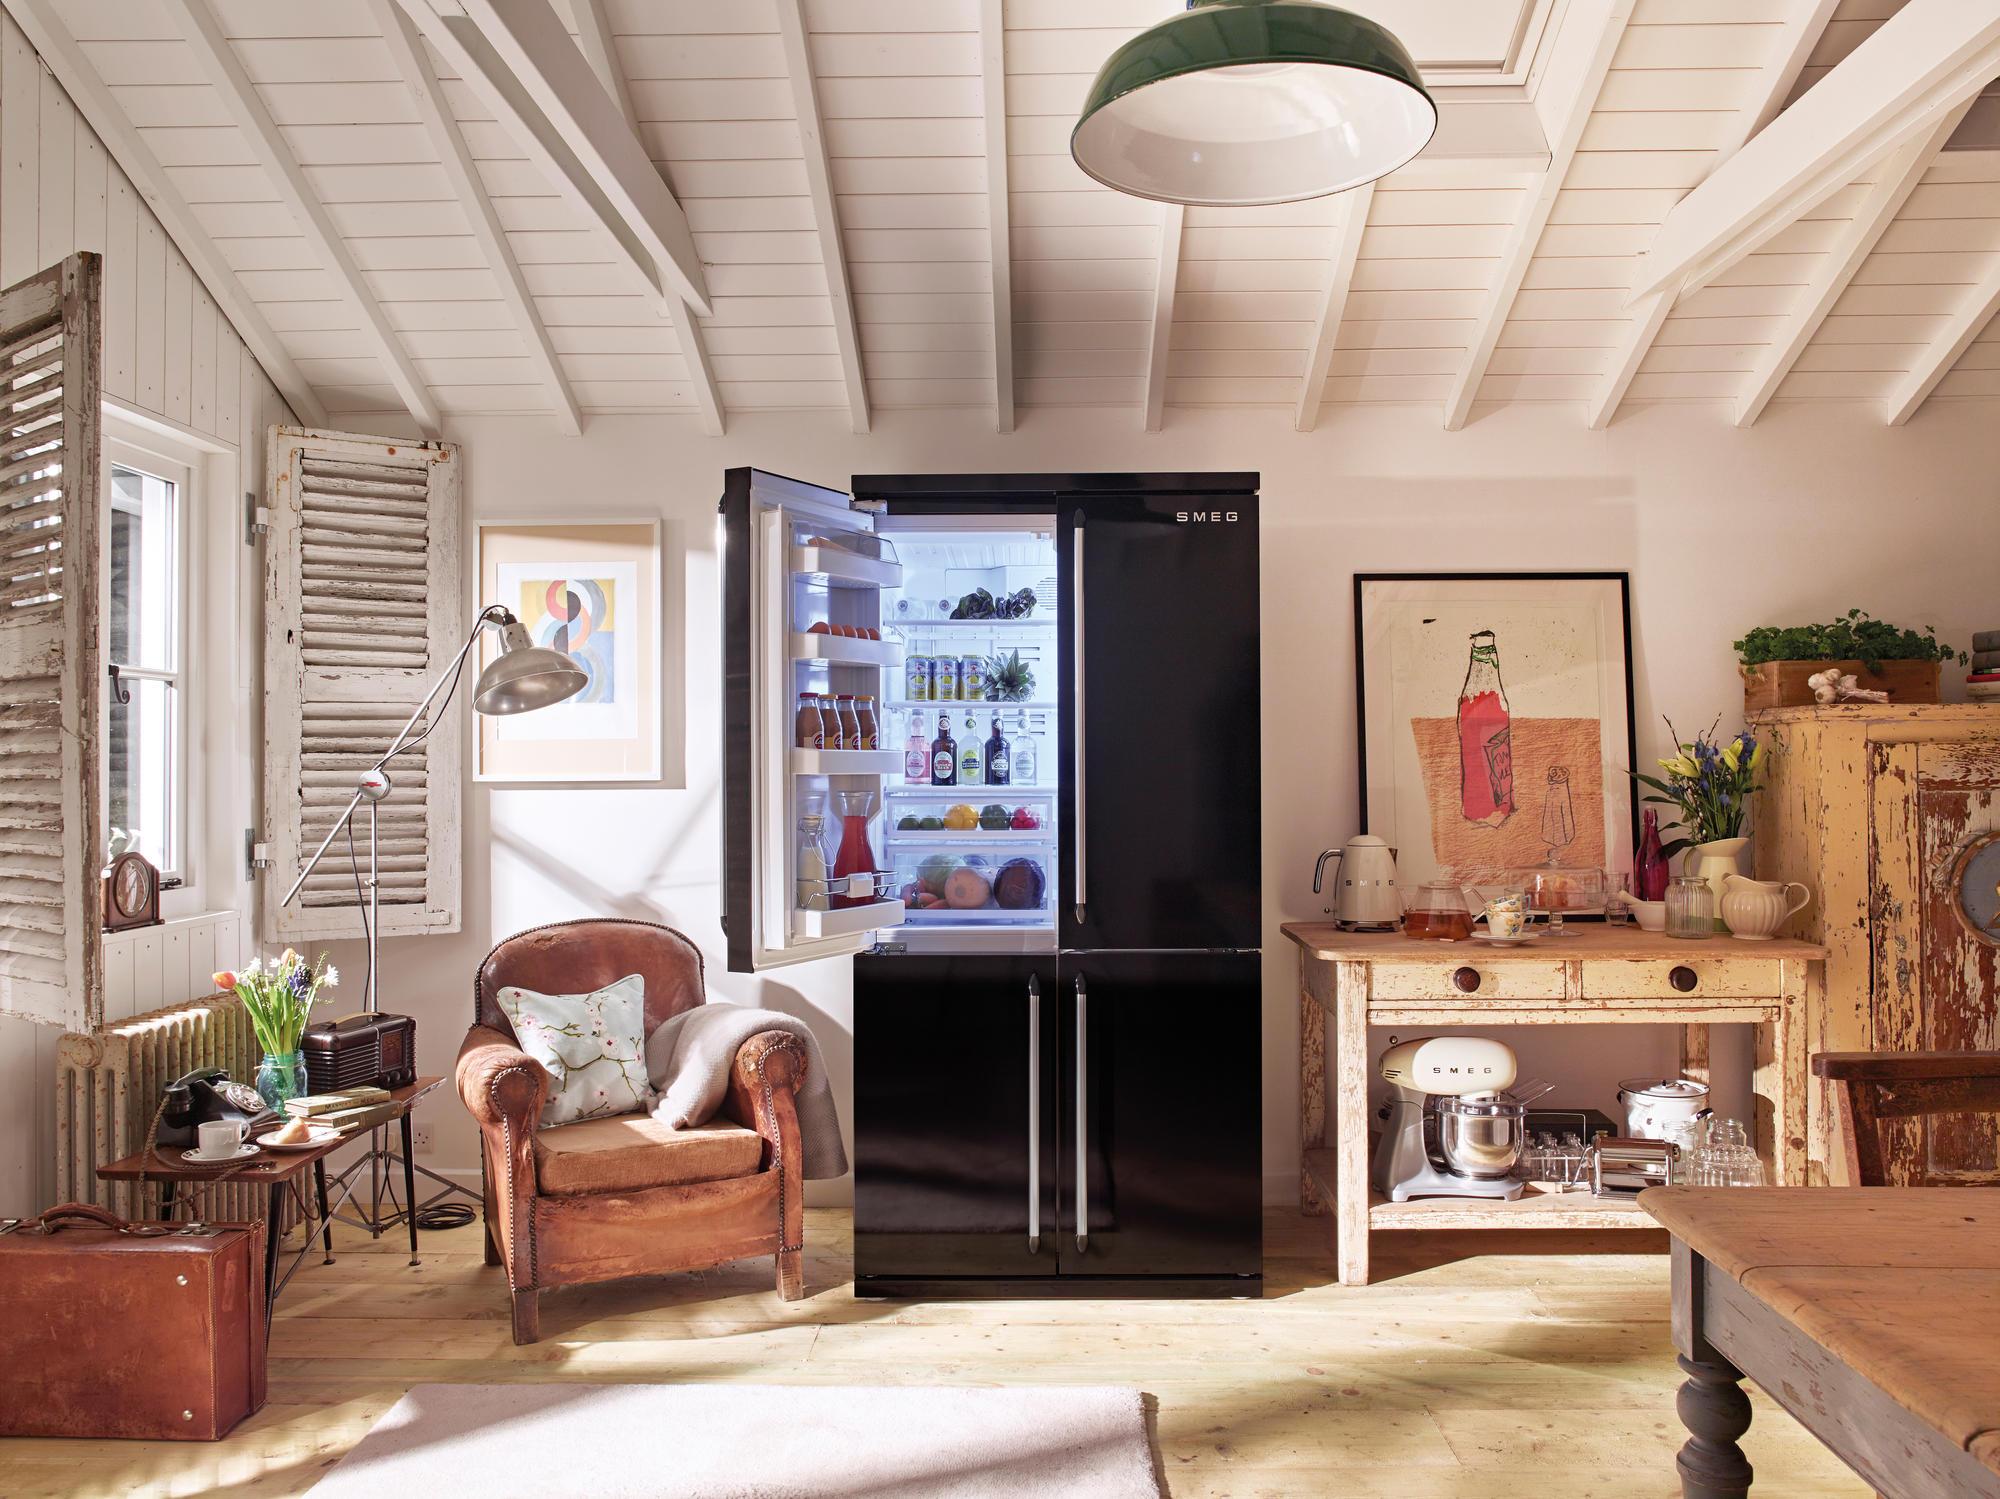 Smeg Kühlschrank French Door : Smeg fq french door kühlschrank im victoria design cm in